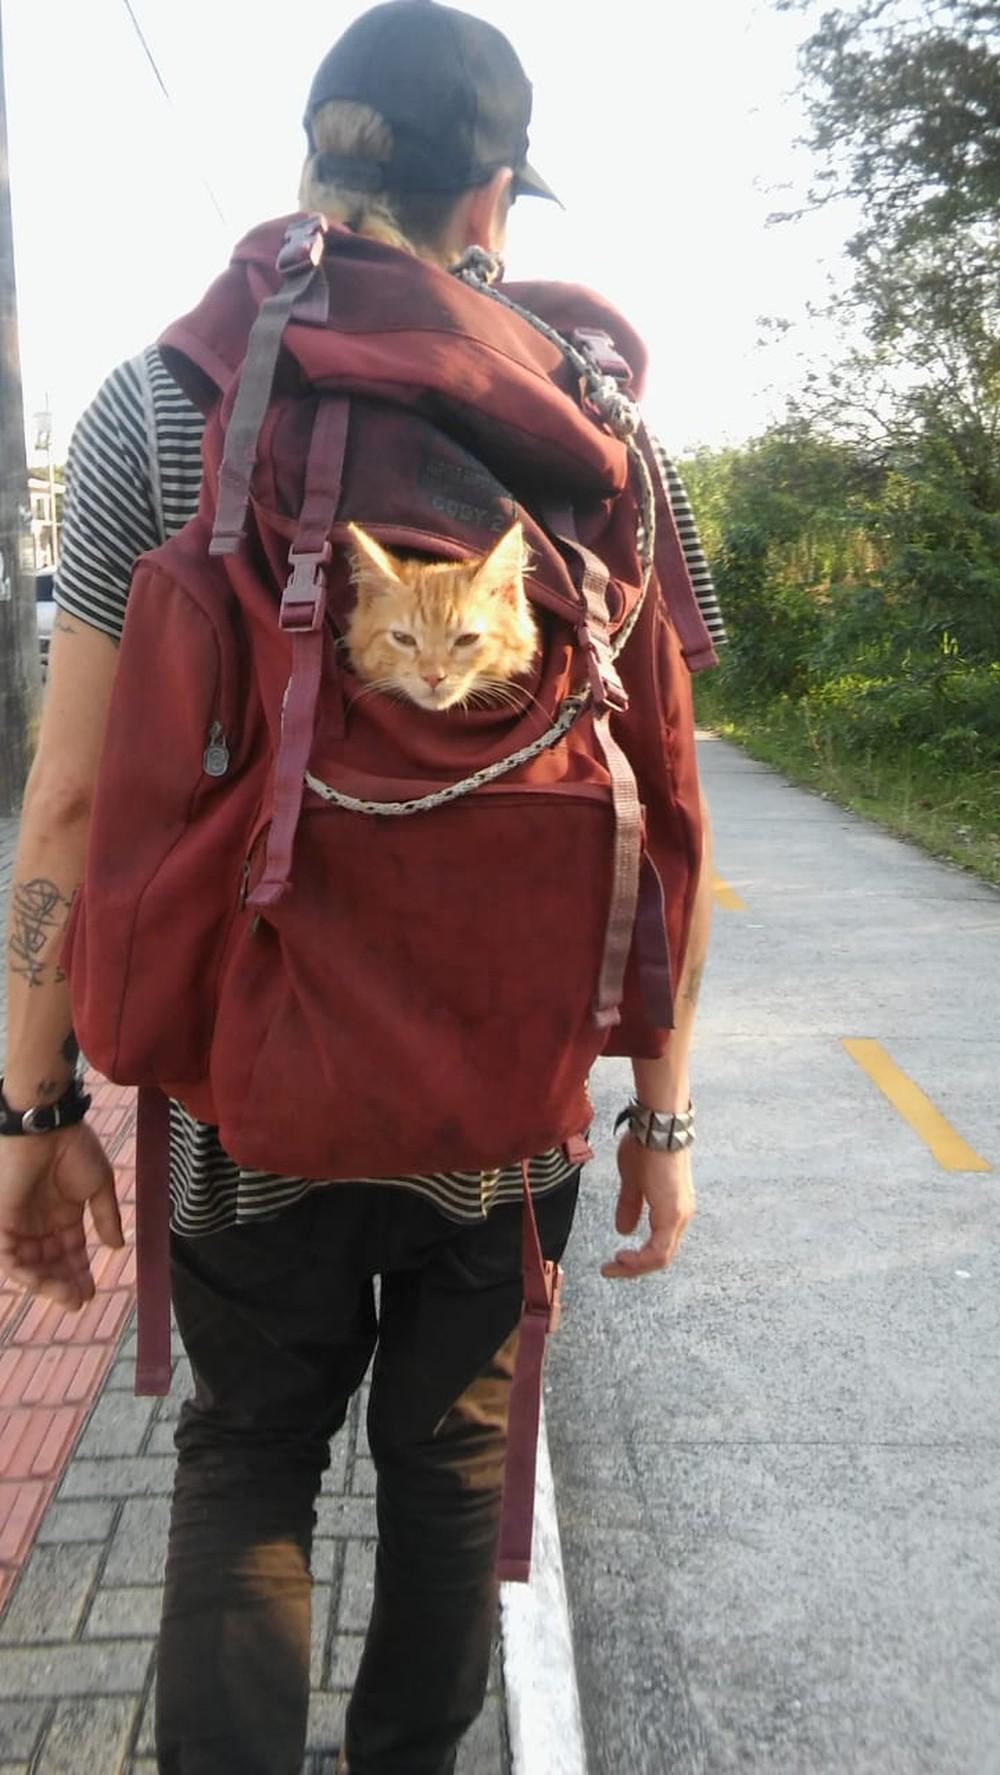 Adotado por artista de rua e transportado em mochila, gato chama a atenção em Florianópolis